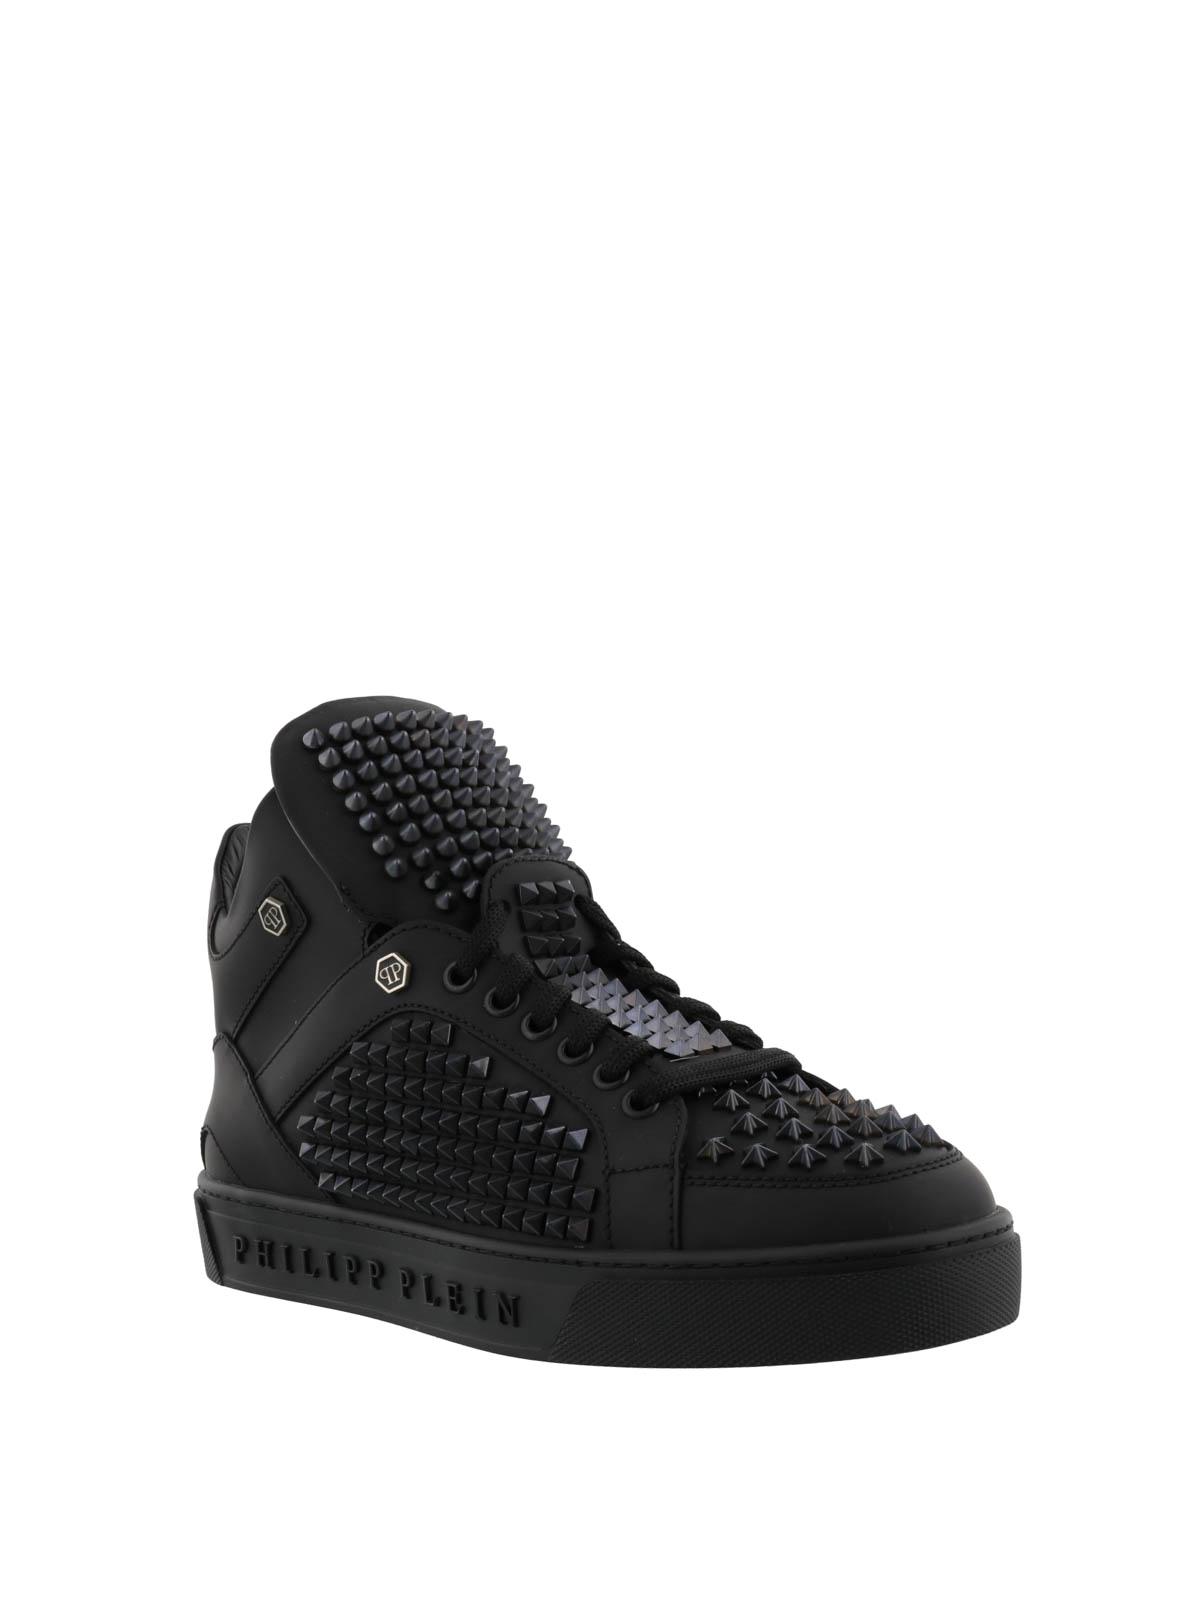 studded high top sneakers - Black Philipp Plein WpO3kxo